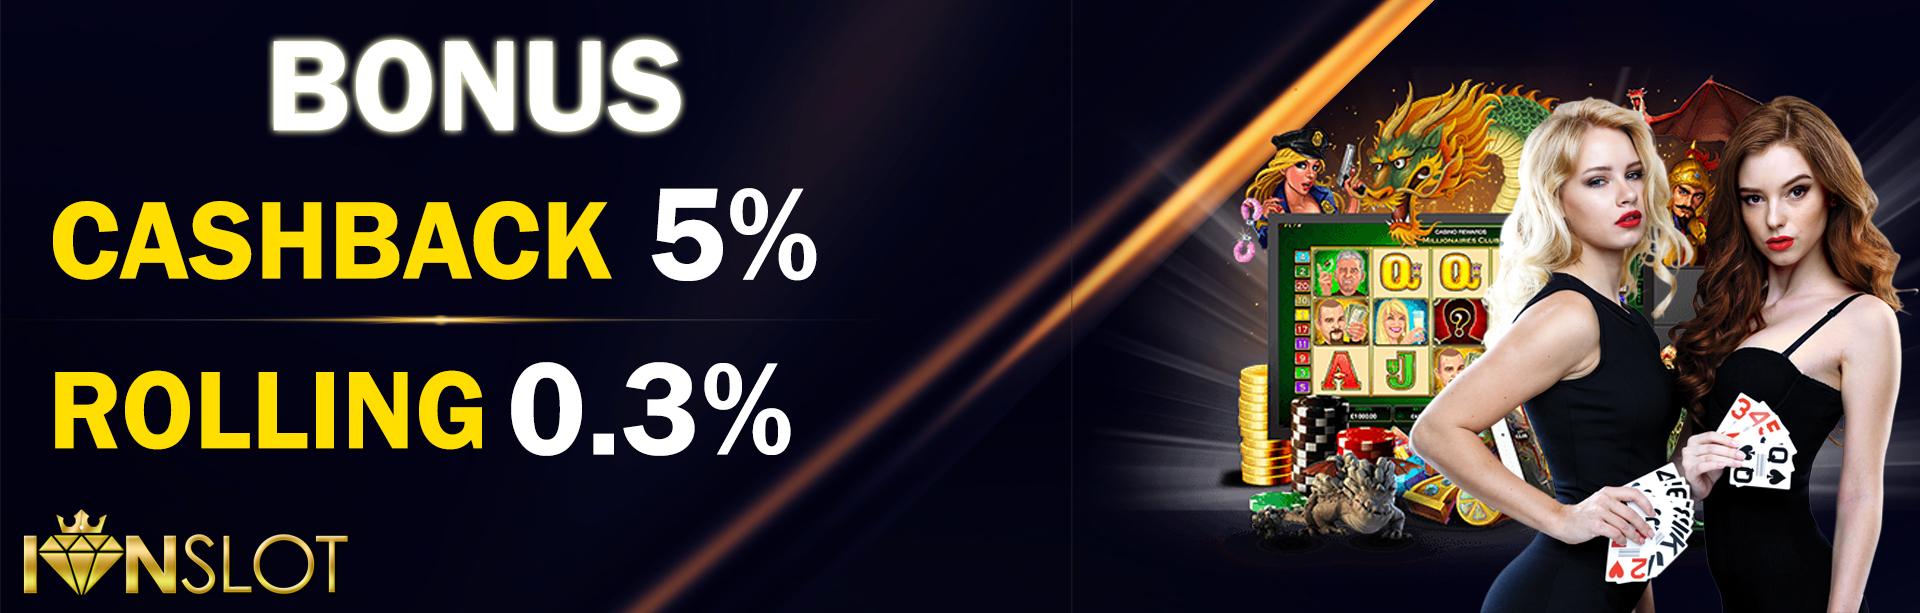 Bonus Rollingan dan Cashback Situs Judi Slot, Casino, Bola Online Terbesar IONSLOT